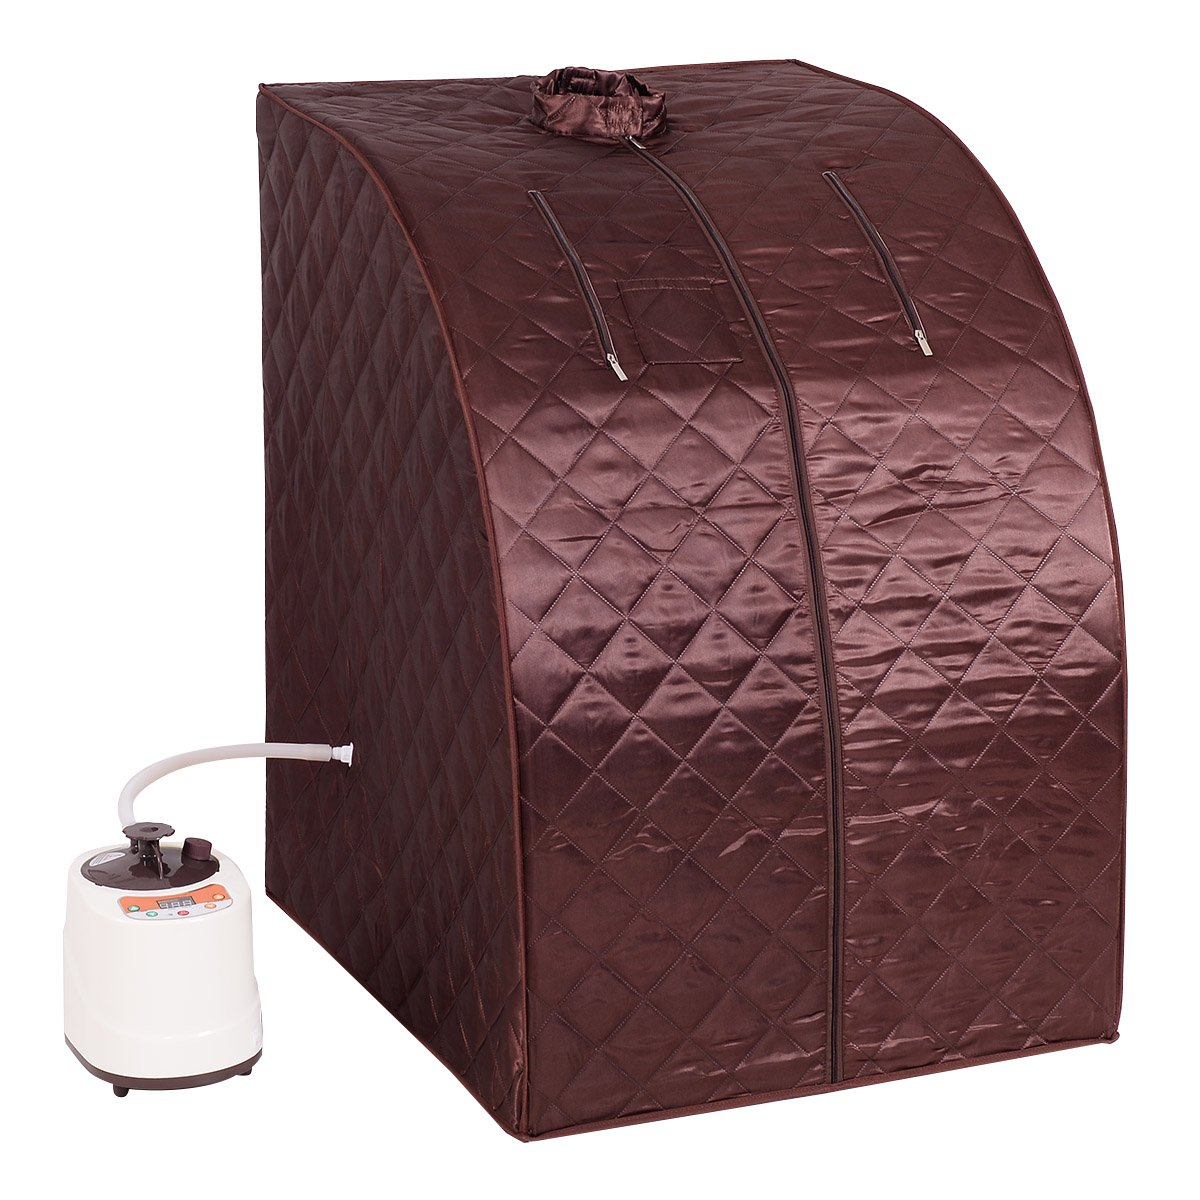 amazon com saunas pools tubs u0026 supplies patio lawn u0026 garden